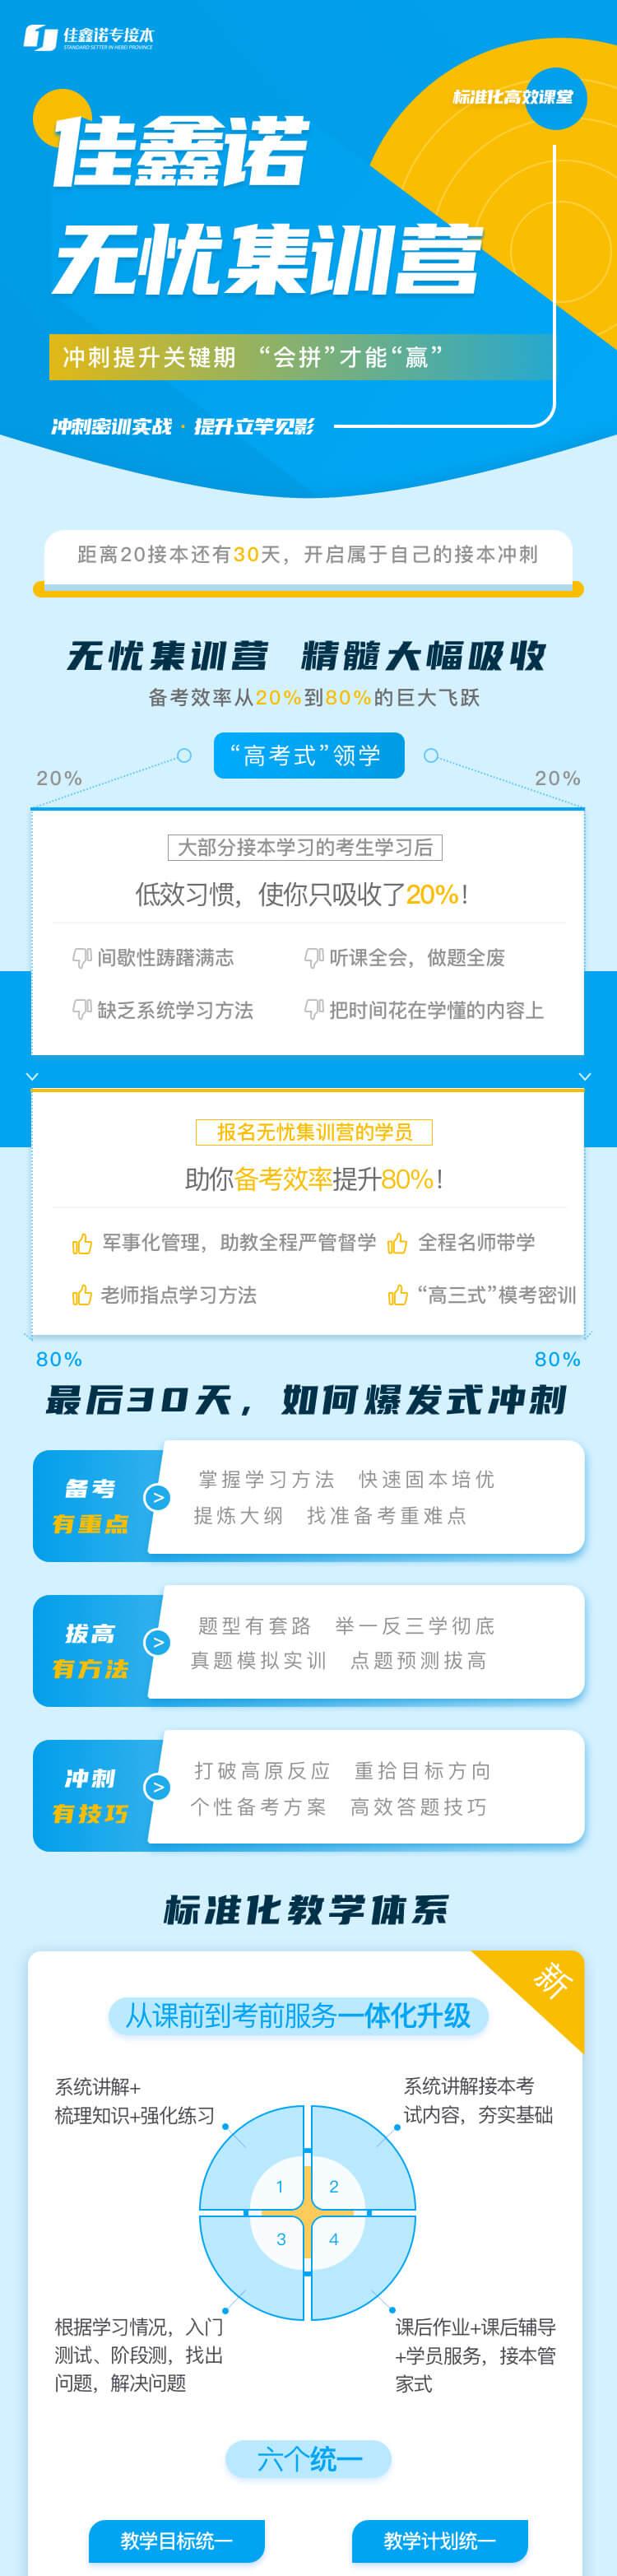 无忧集训营课程介绍.jpg